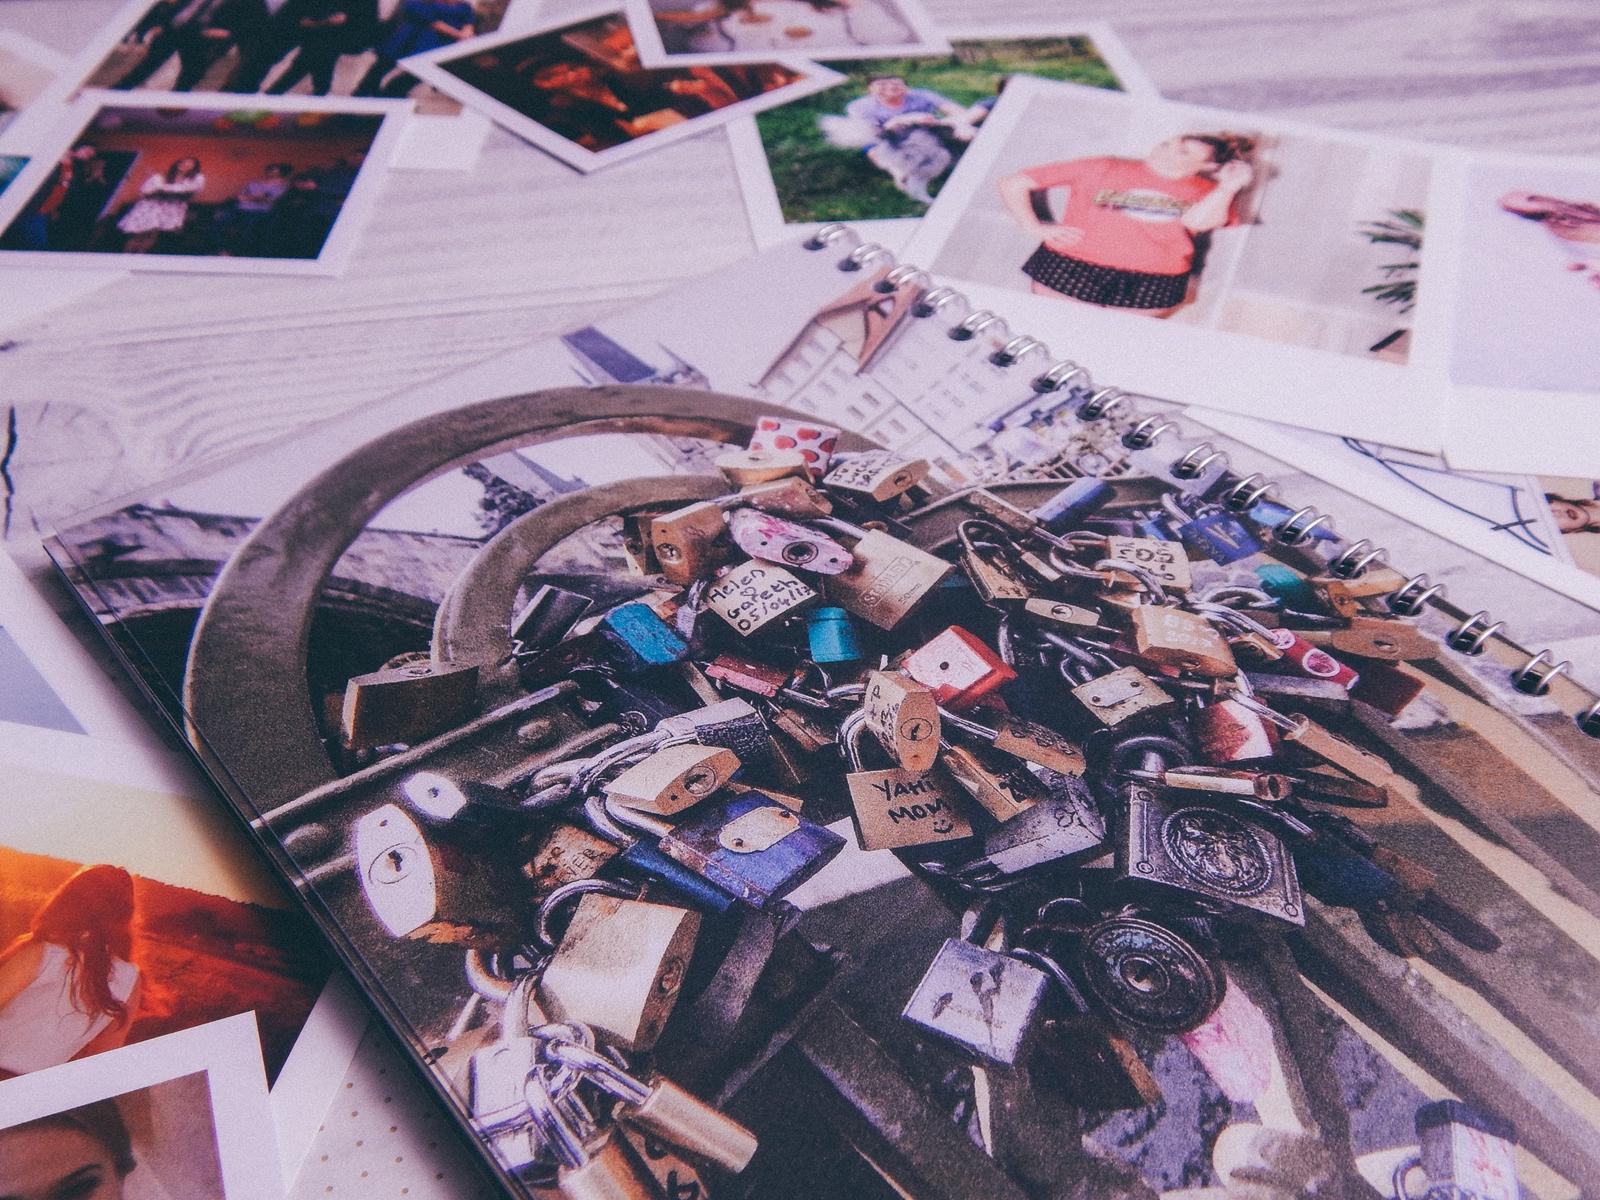 8 fotozeszyt saal digital zeszyt na zdjęcia a5 na sprężynie fotoksiązka photobook recenzja test fotozeszytu tanie wywoływanie zdjęć online melodylaniella polaroidy